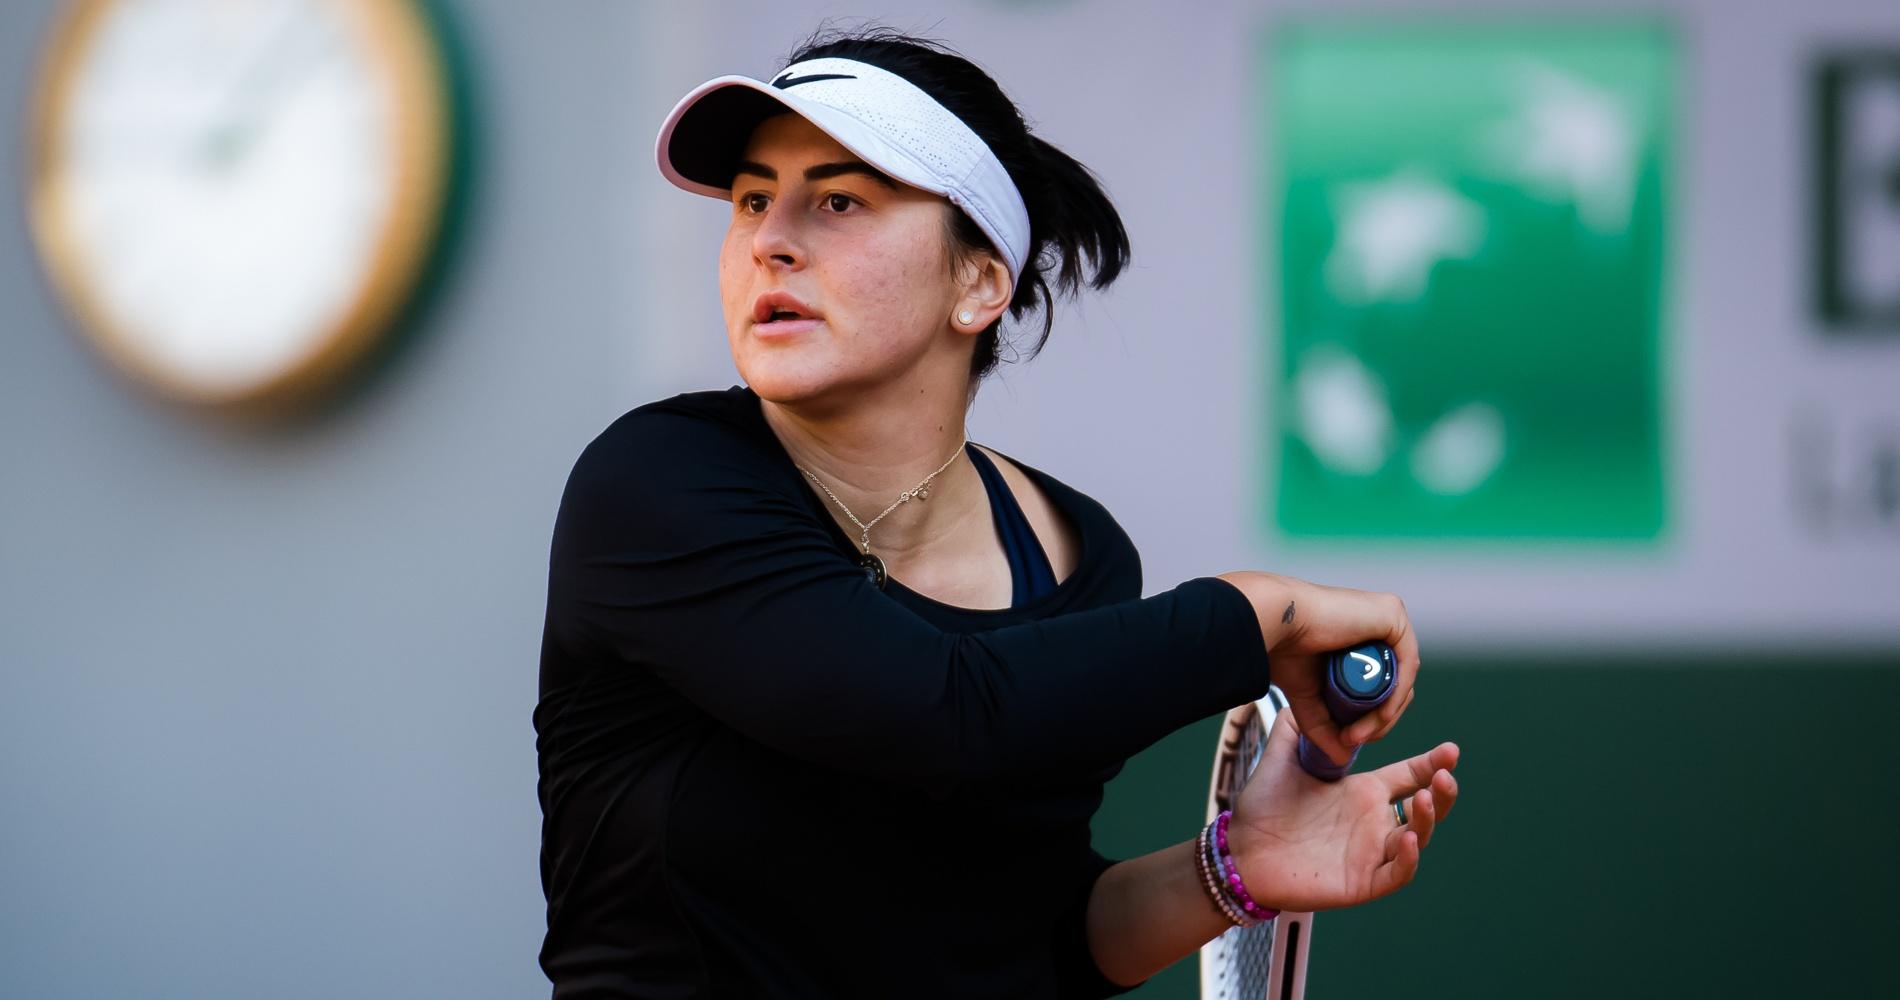 Bianca Andreescu in practice